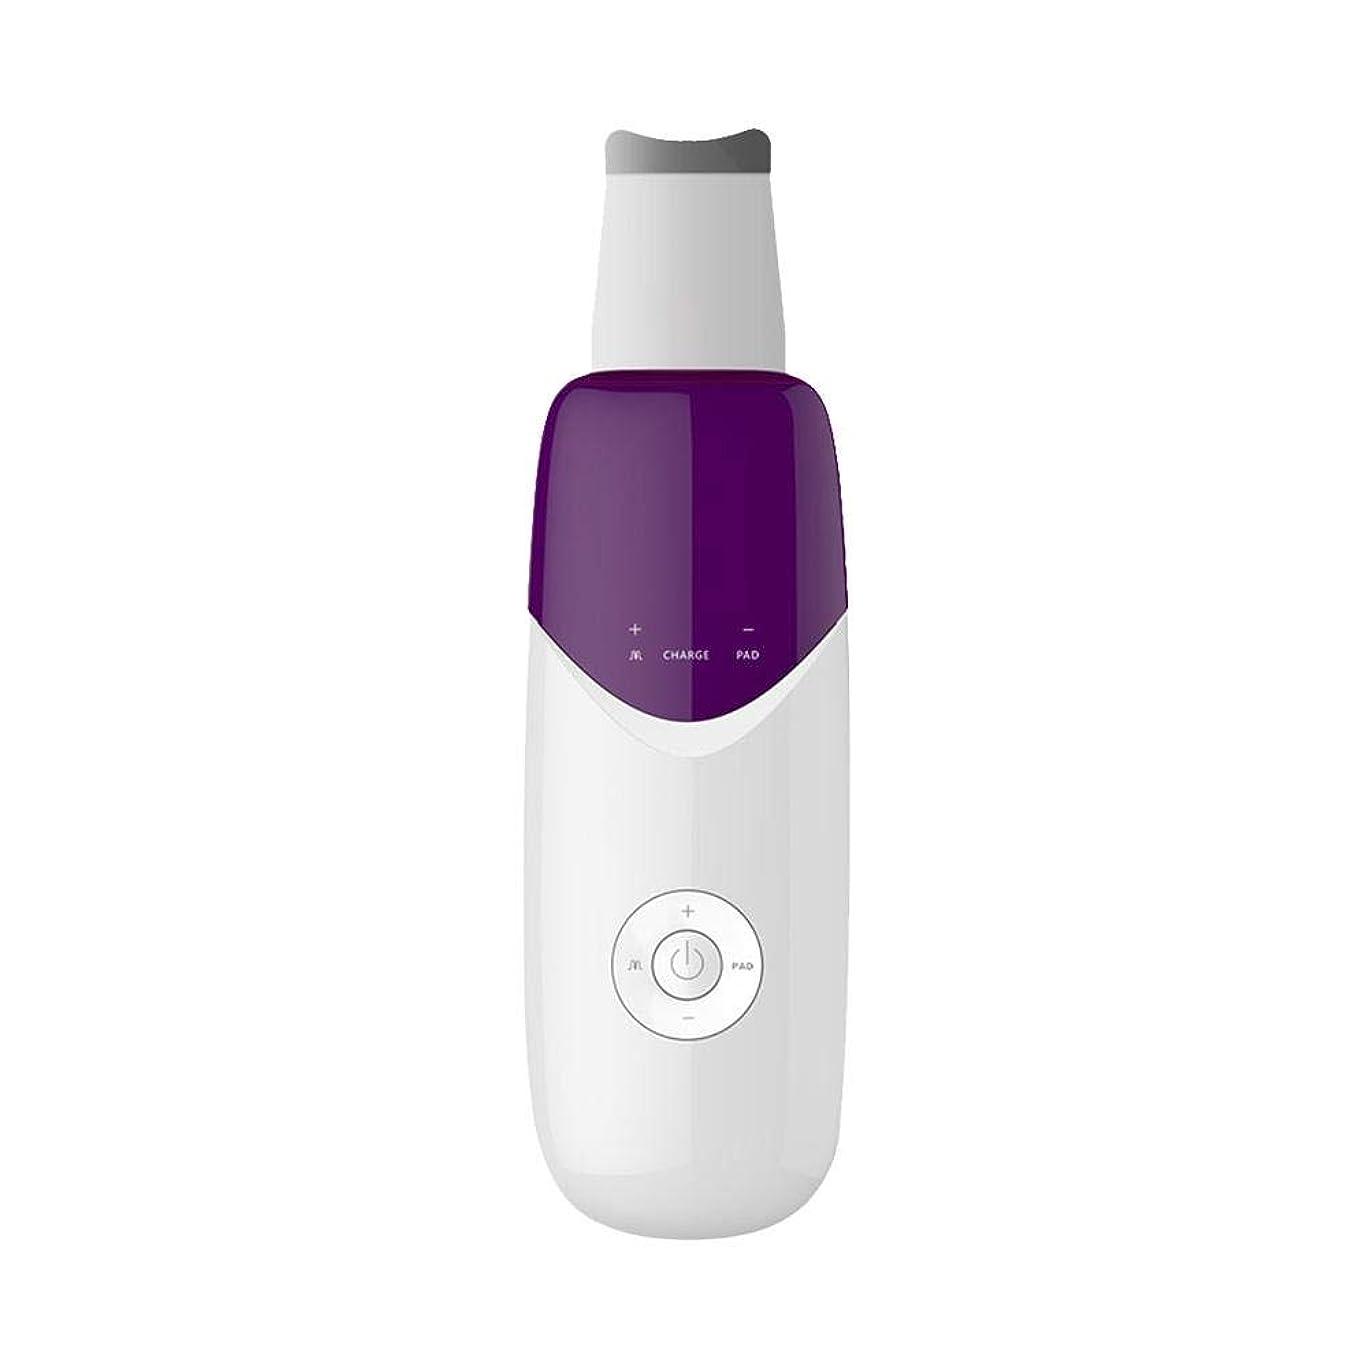 慈悲グローバルありがたいCoinar お肌を洗うにび落とし USB超音波クレンジング 洗顔 洗顔 洗顔 角質除去 洗顔